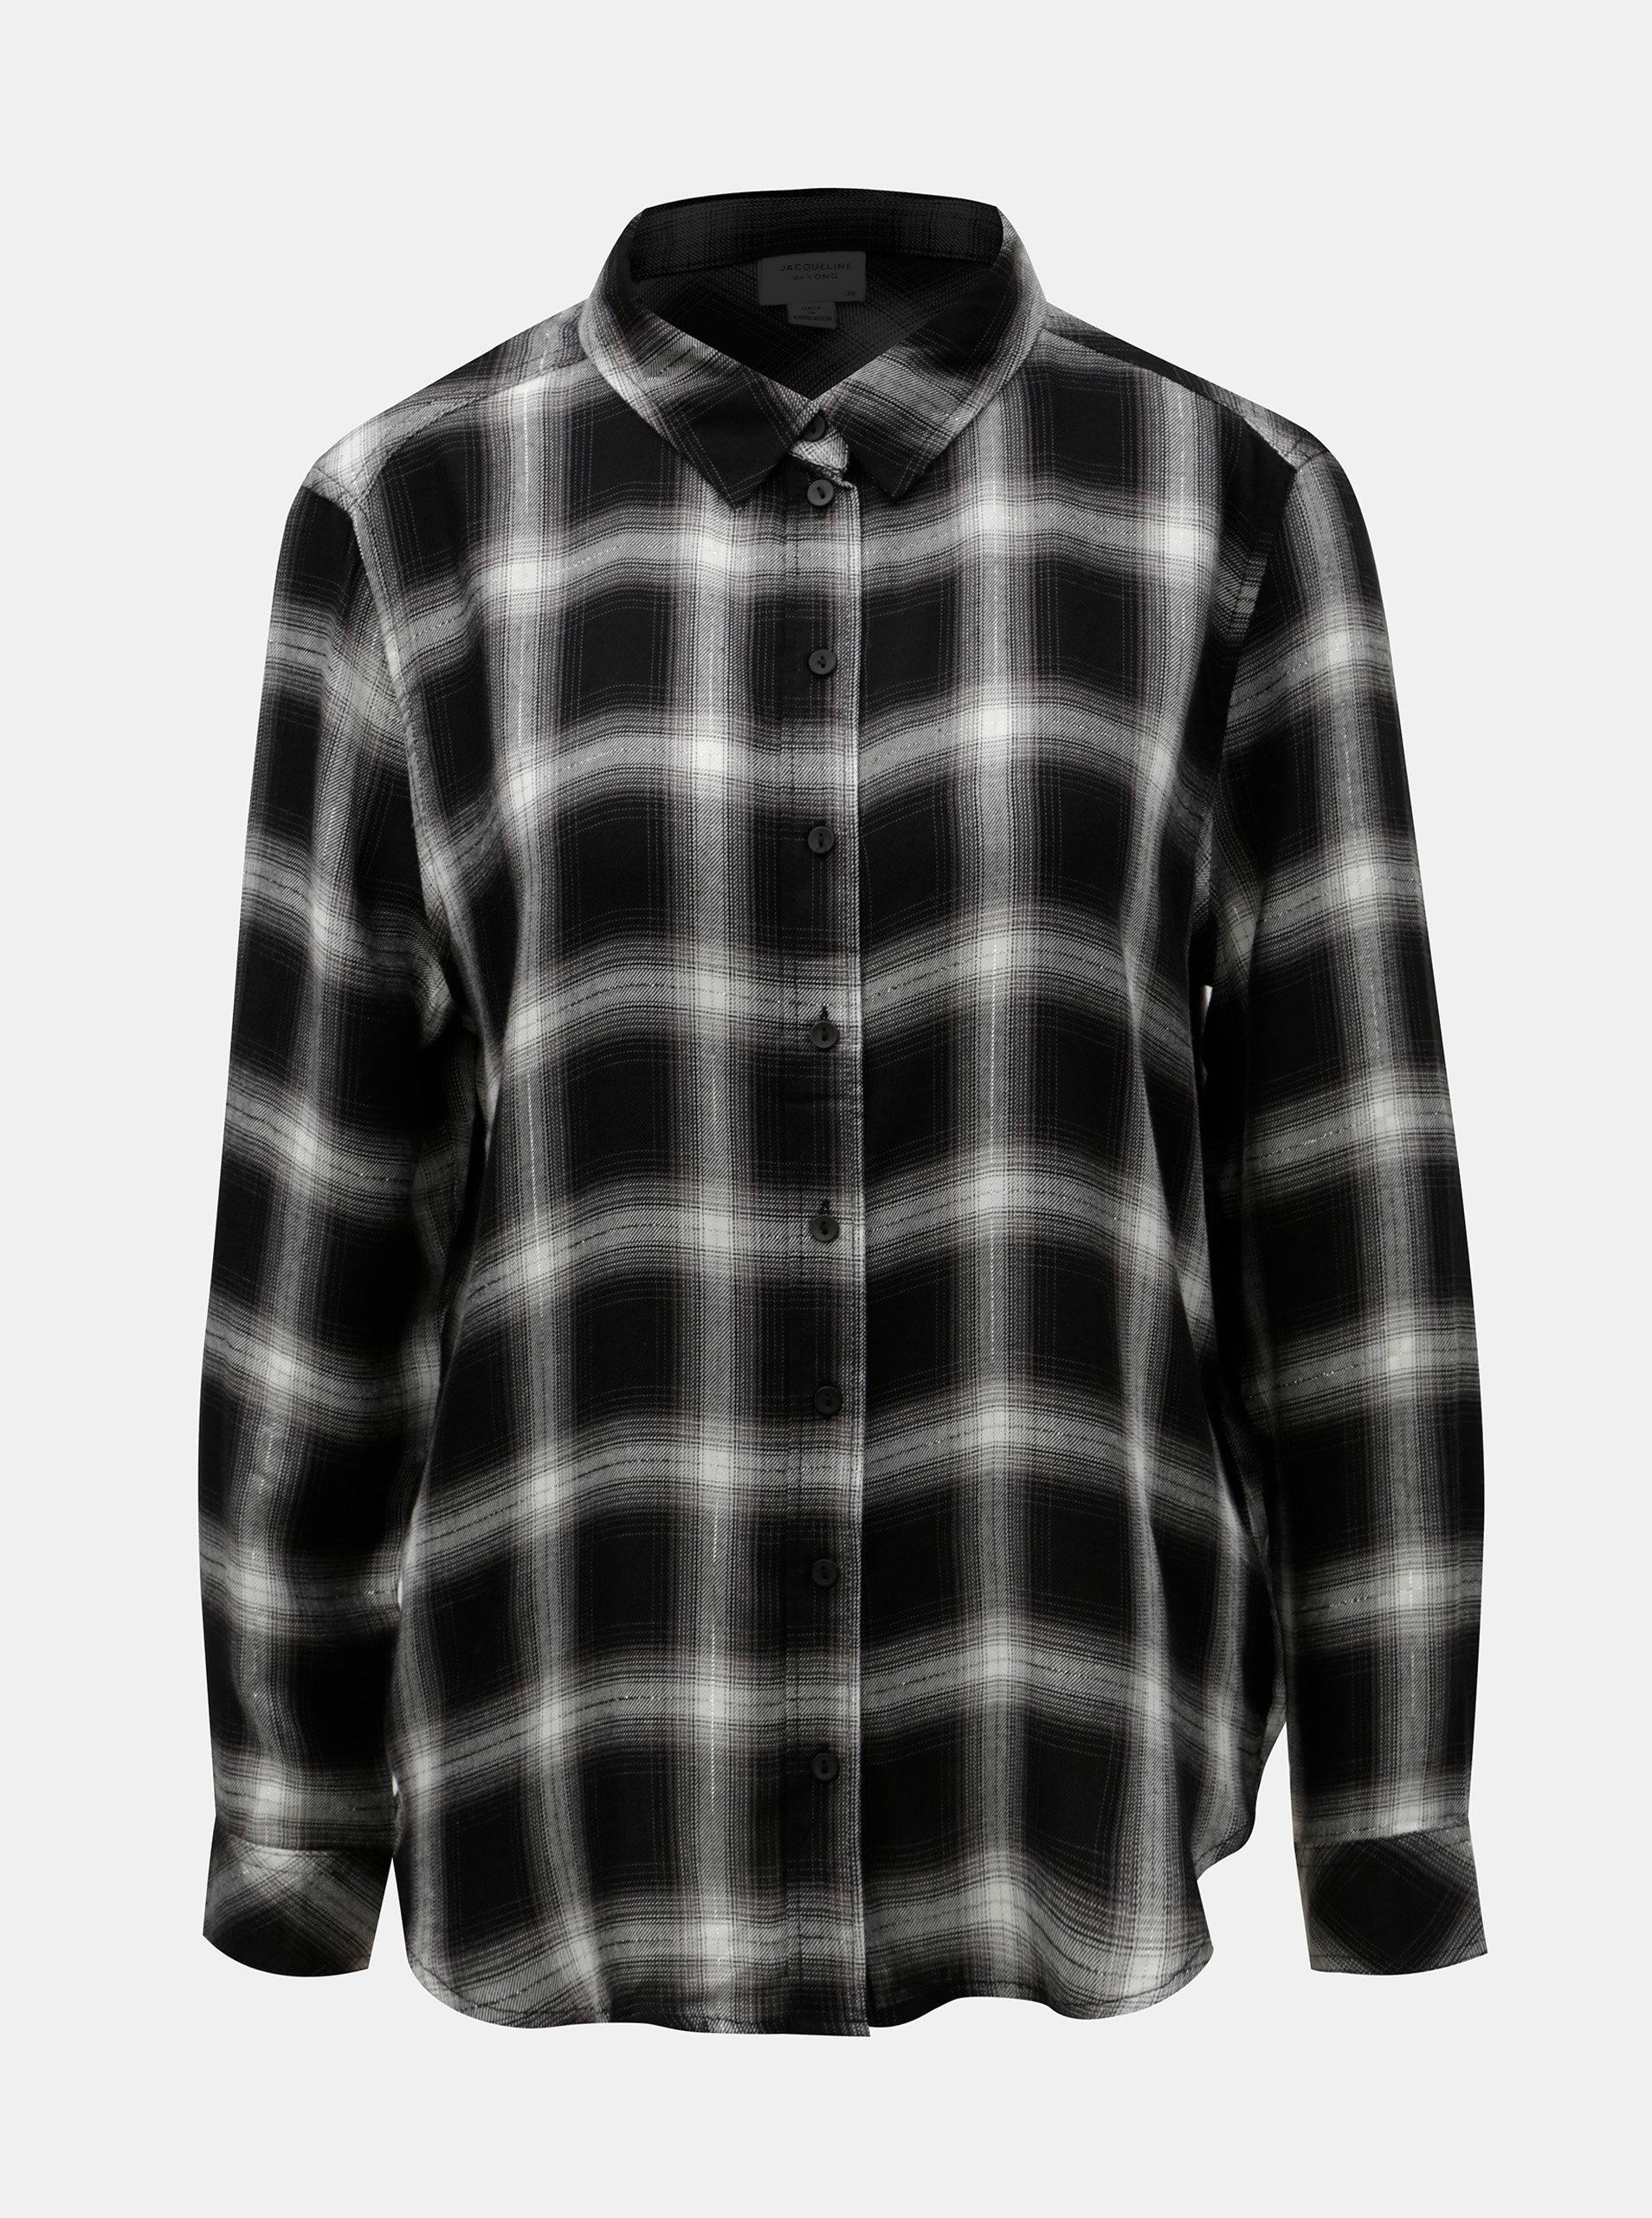 Bílo-černá kostkovaná košile s metalickým vláknem Jacqueline de Yong Frans  ... 1ff188b7f8